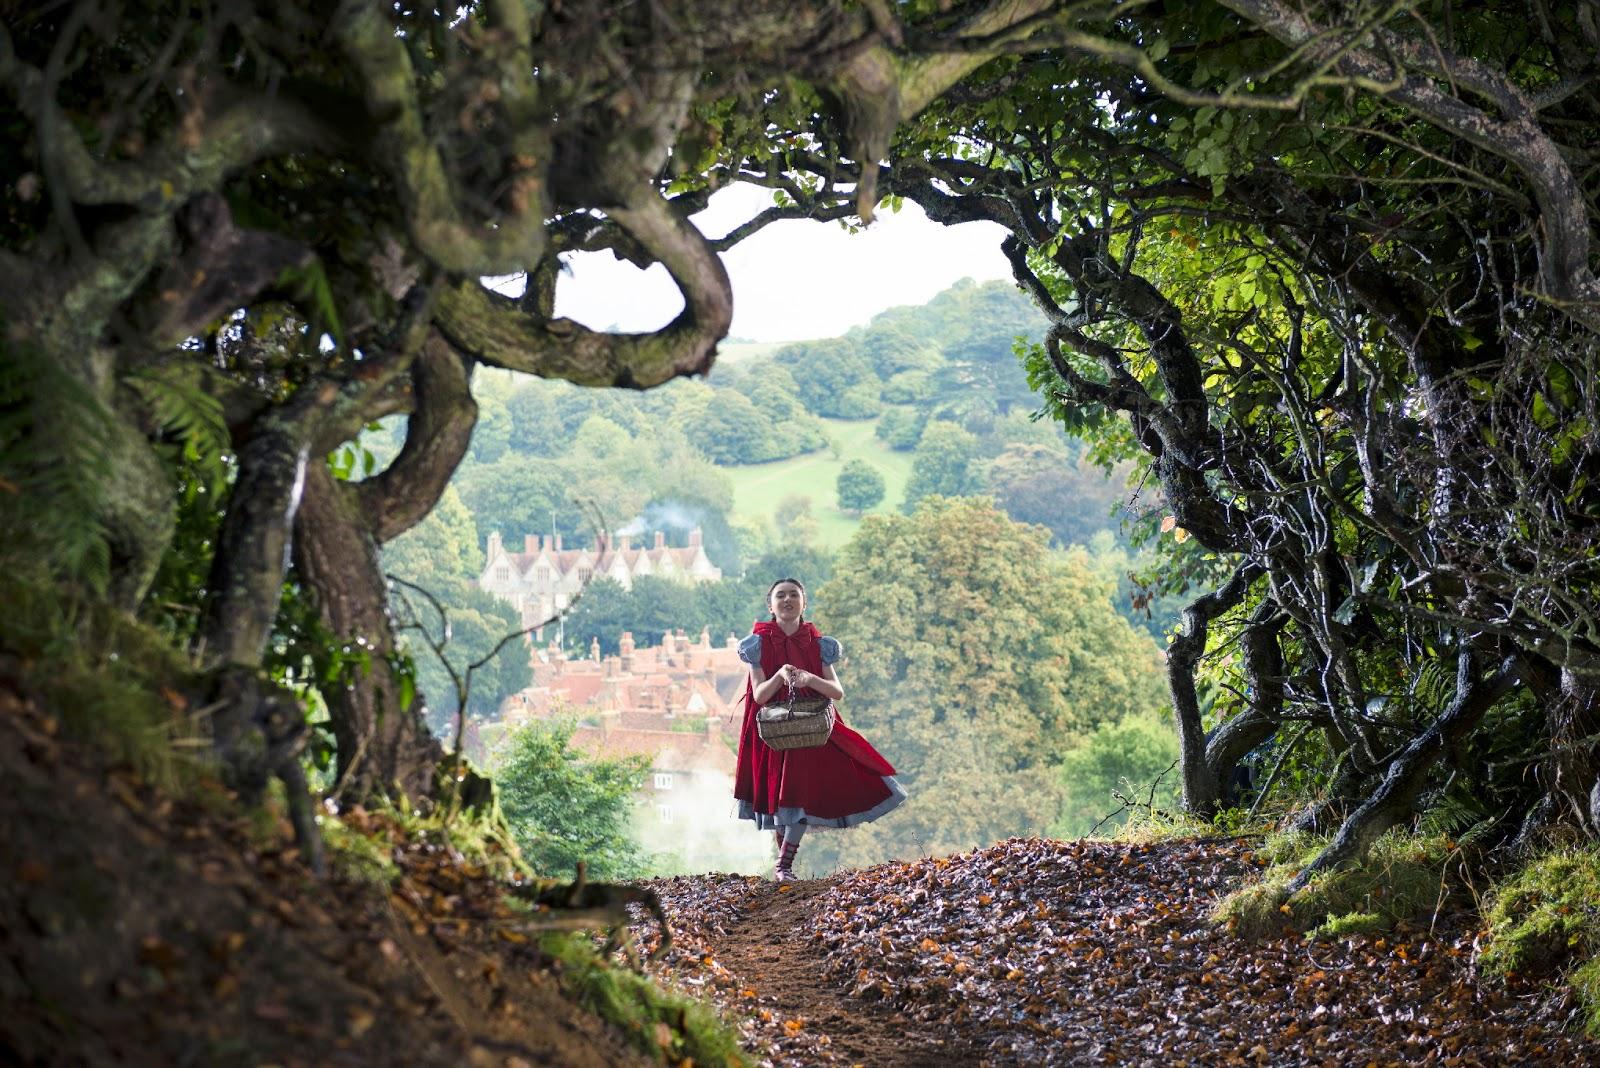 Floresta Do Mal Online pertaining to caminhando e cantando, e seguindo a canção - borrachatv on-line